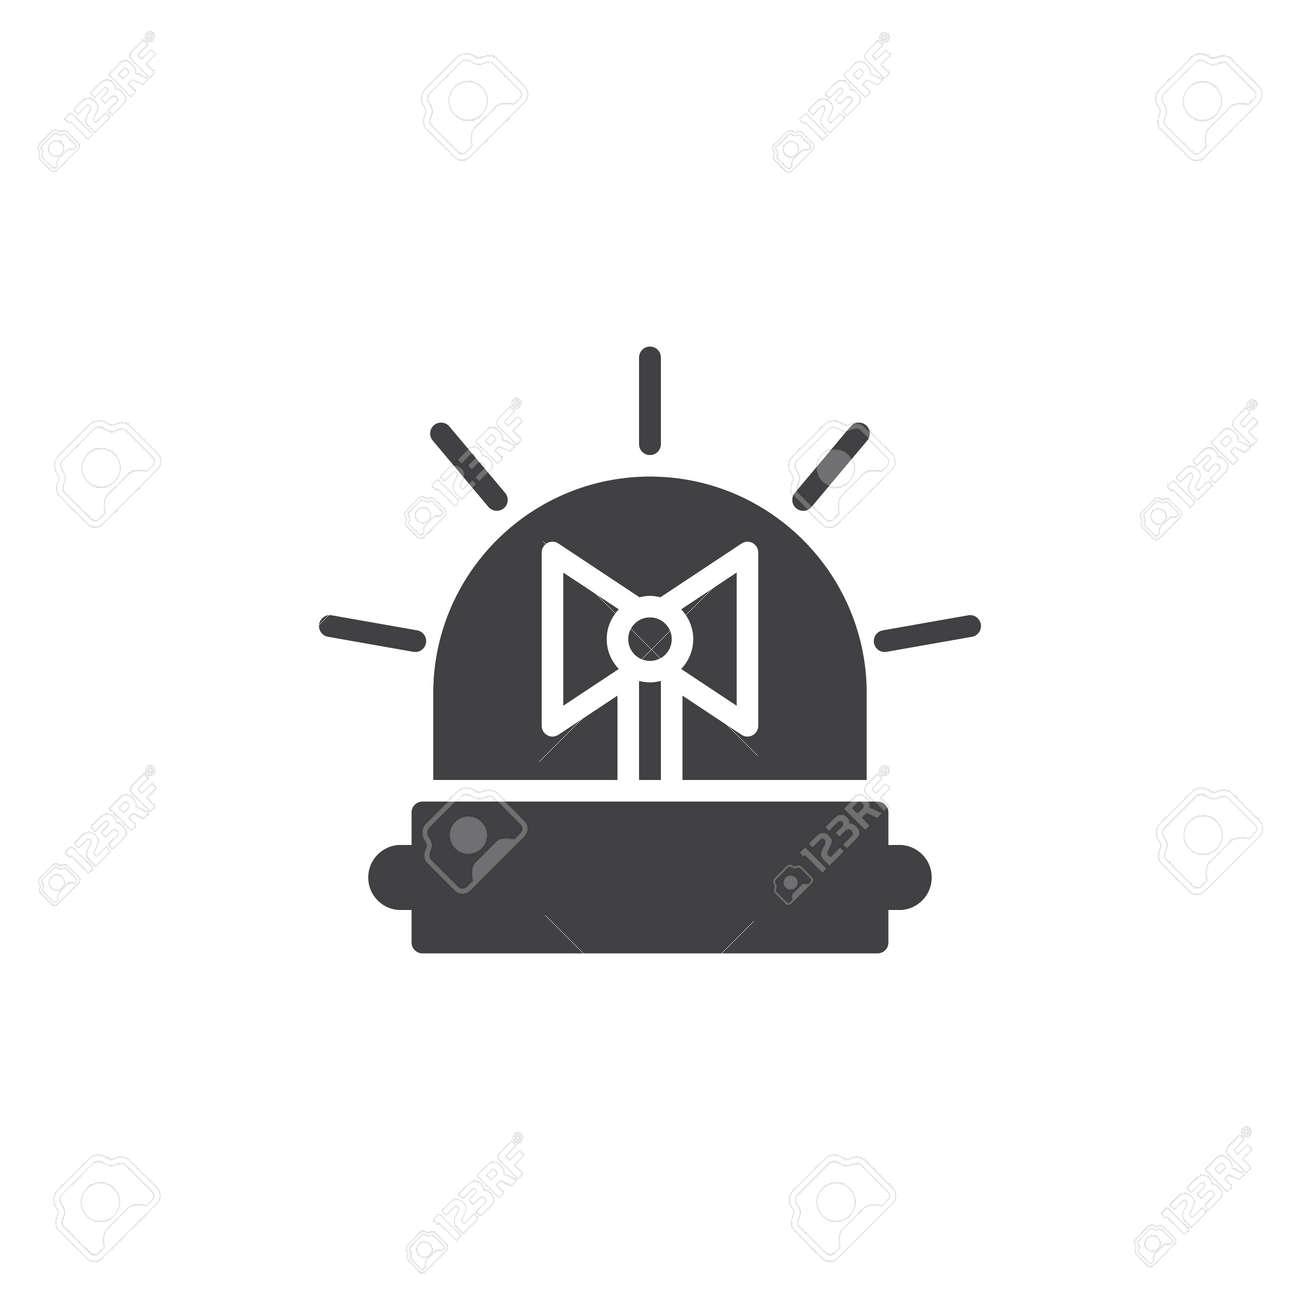 siren symbol